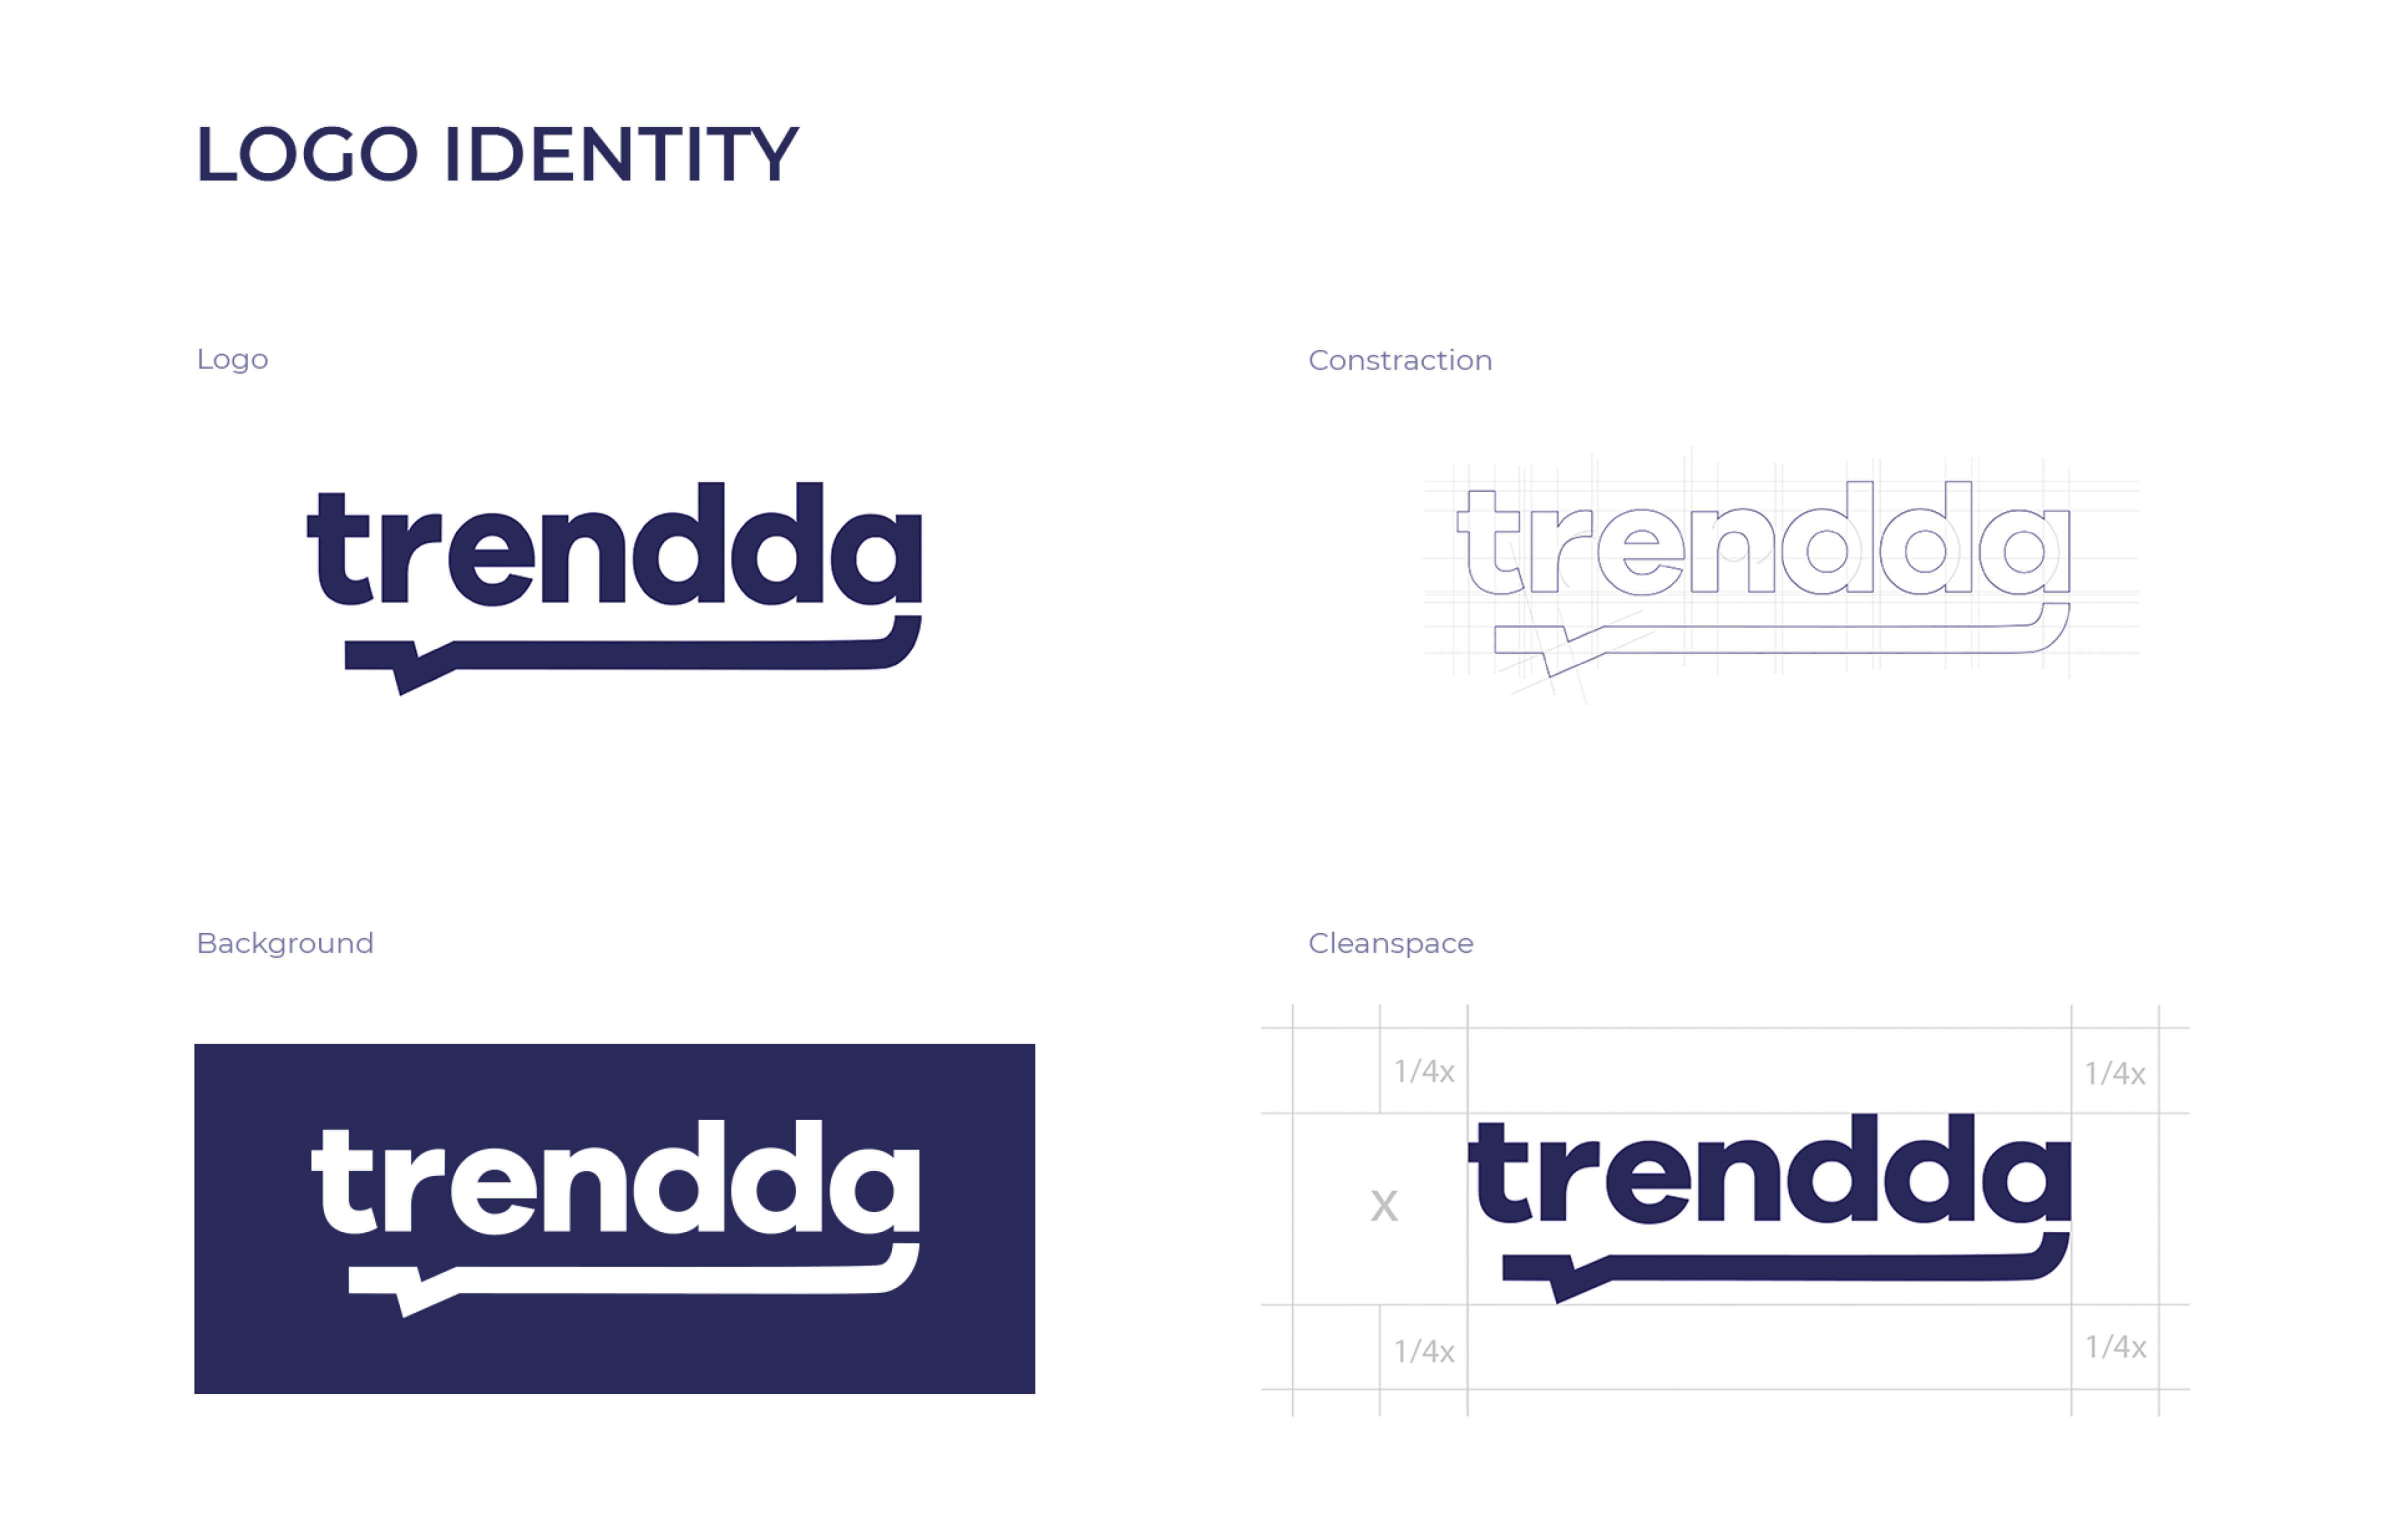 UMS Logo Identity